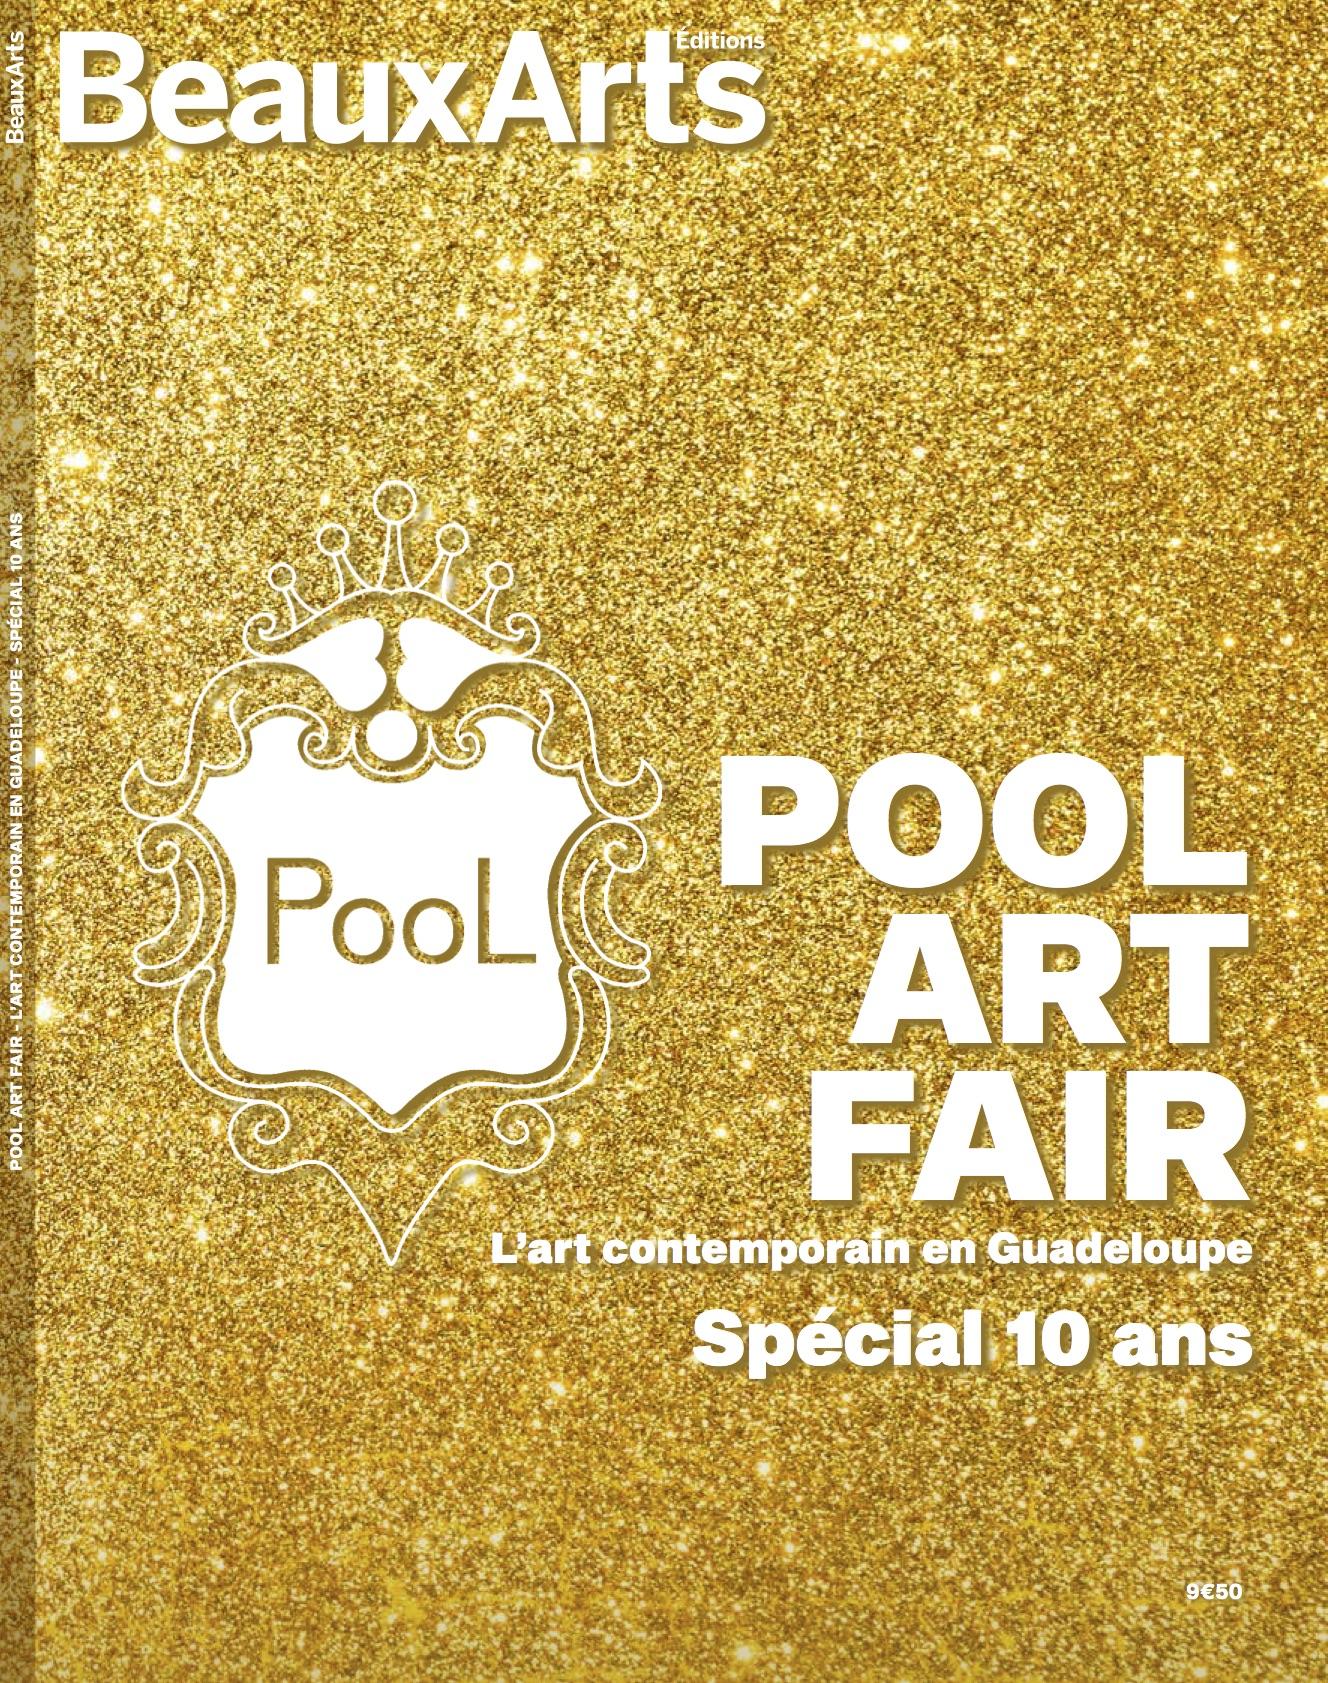 Beaux Art Edition - Hors Série consacré à PooL Art Fair  Cliquez ici pour le reserver   Cliquez ici pour l'acheter via pay pal